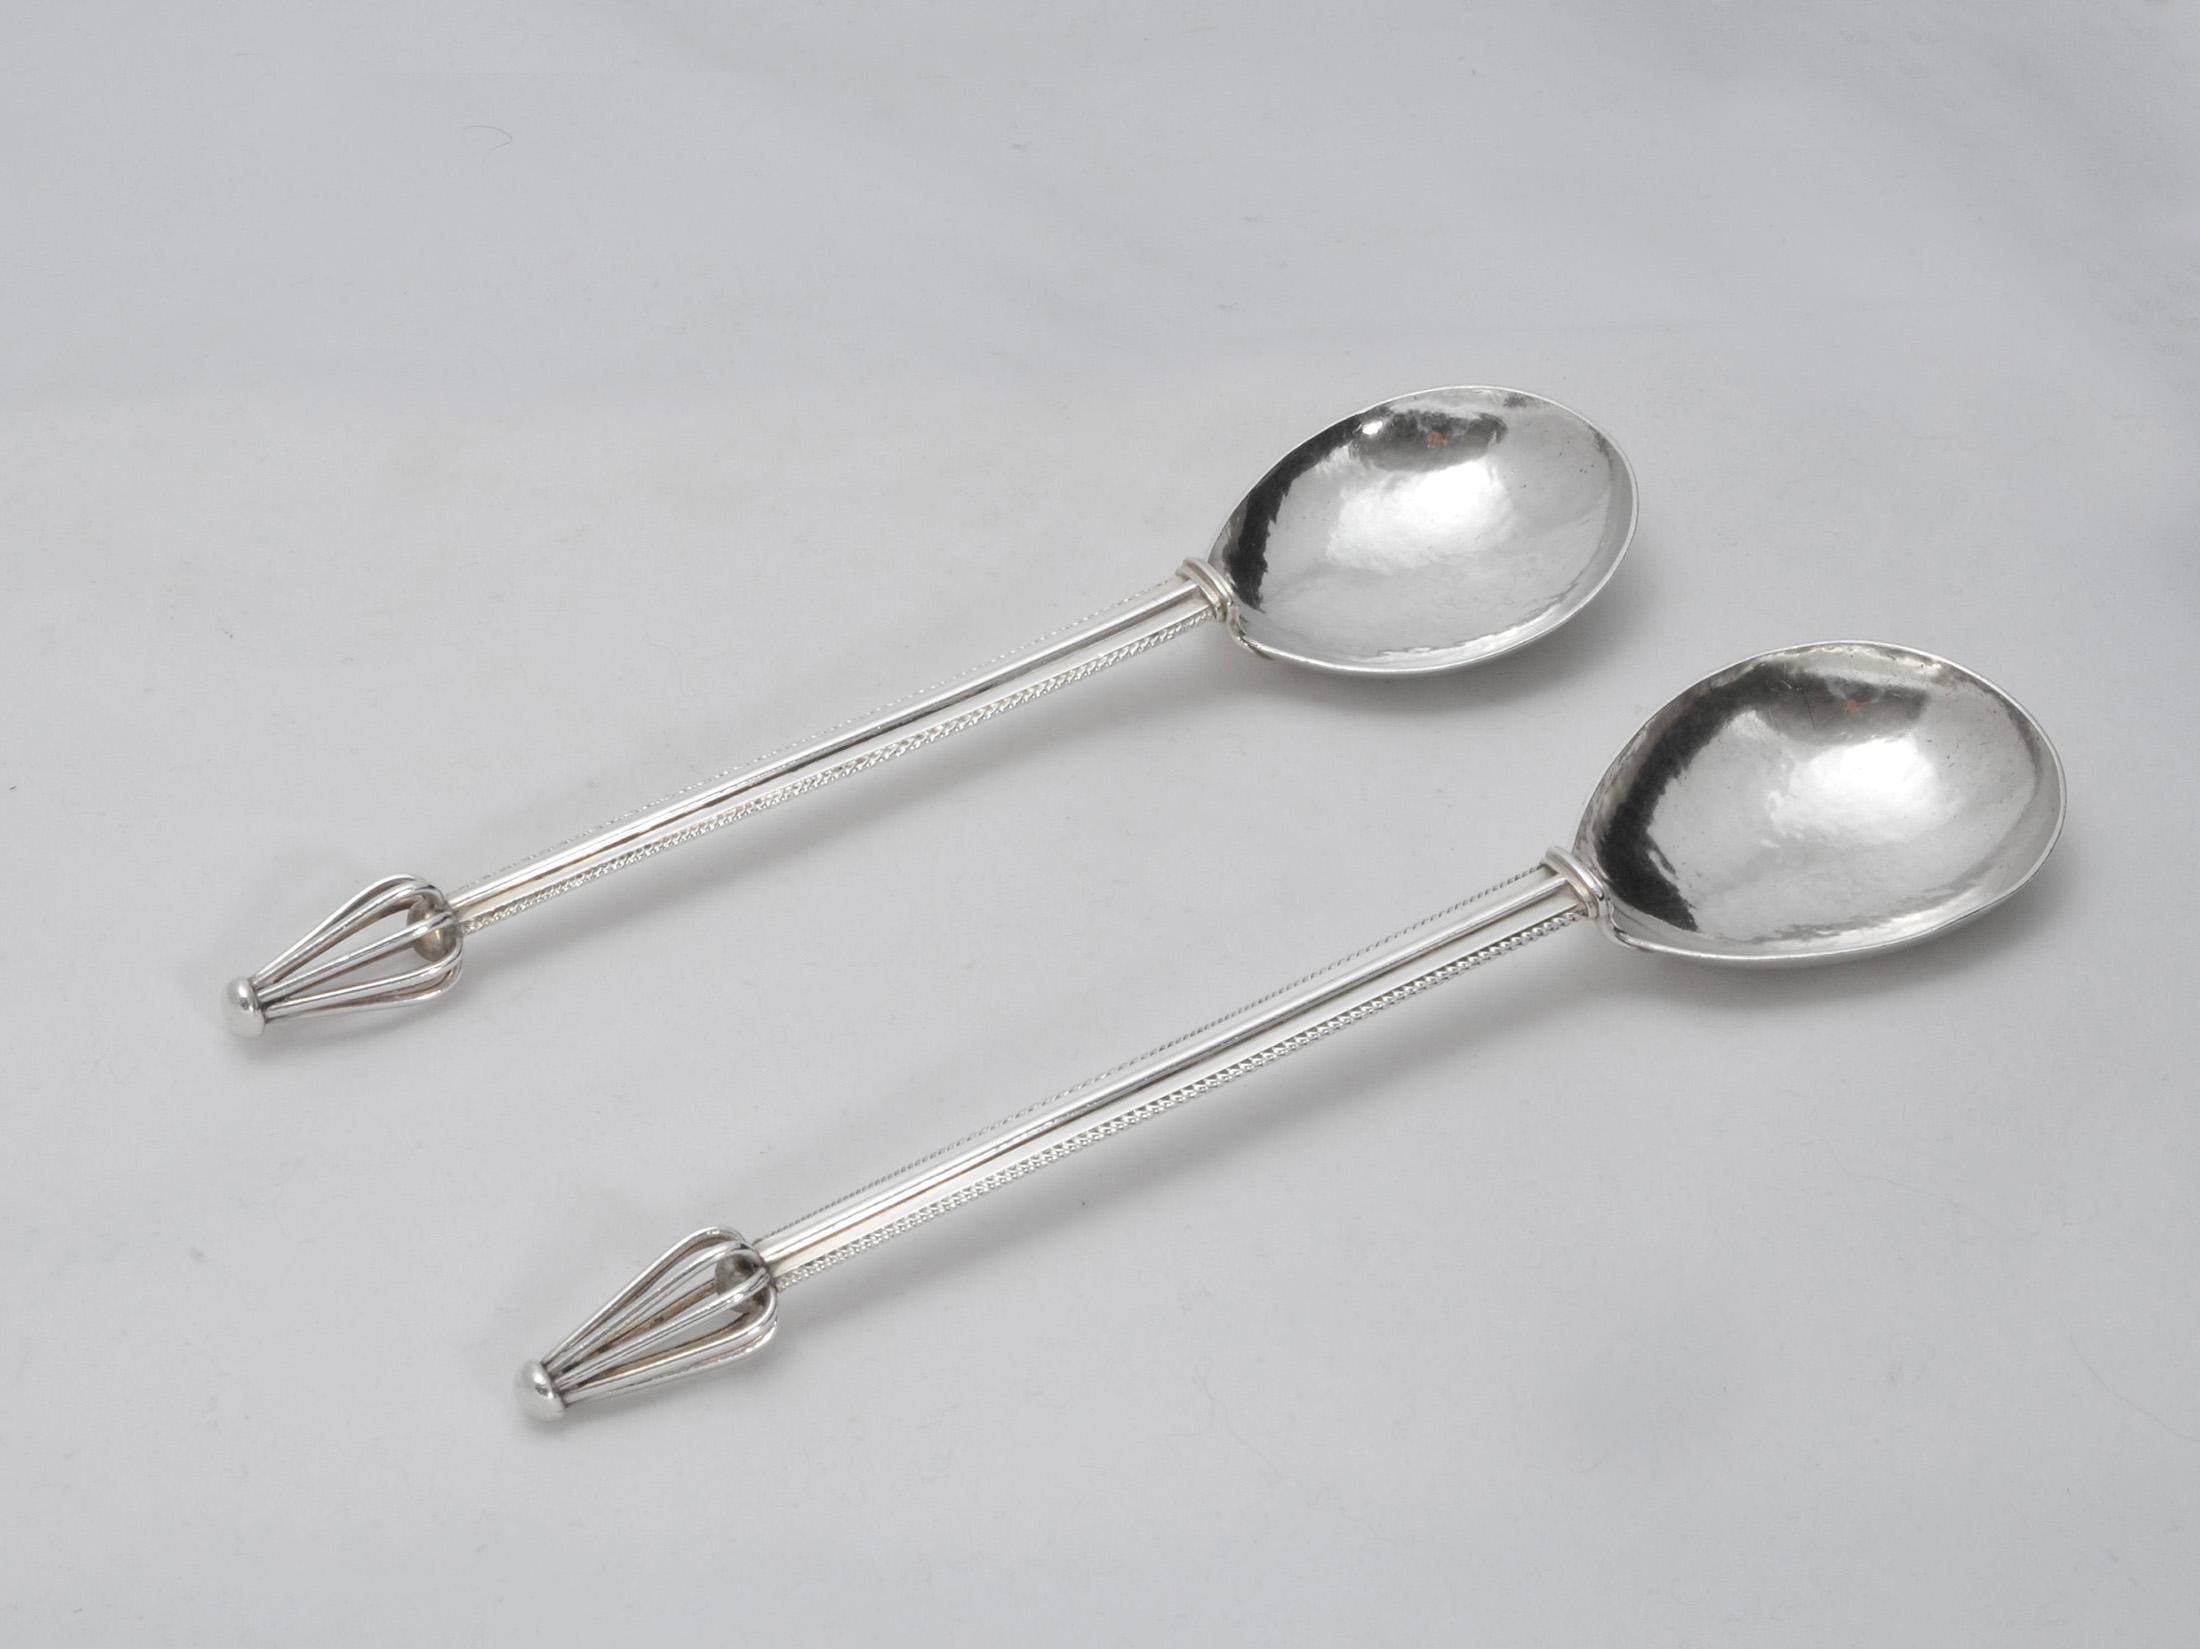 Artificers Guild Edward Spencer desert spoons front